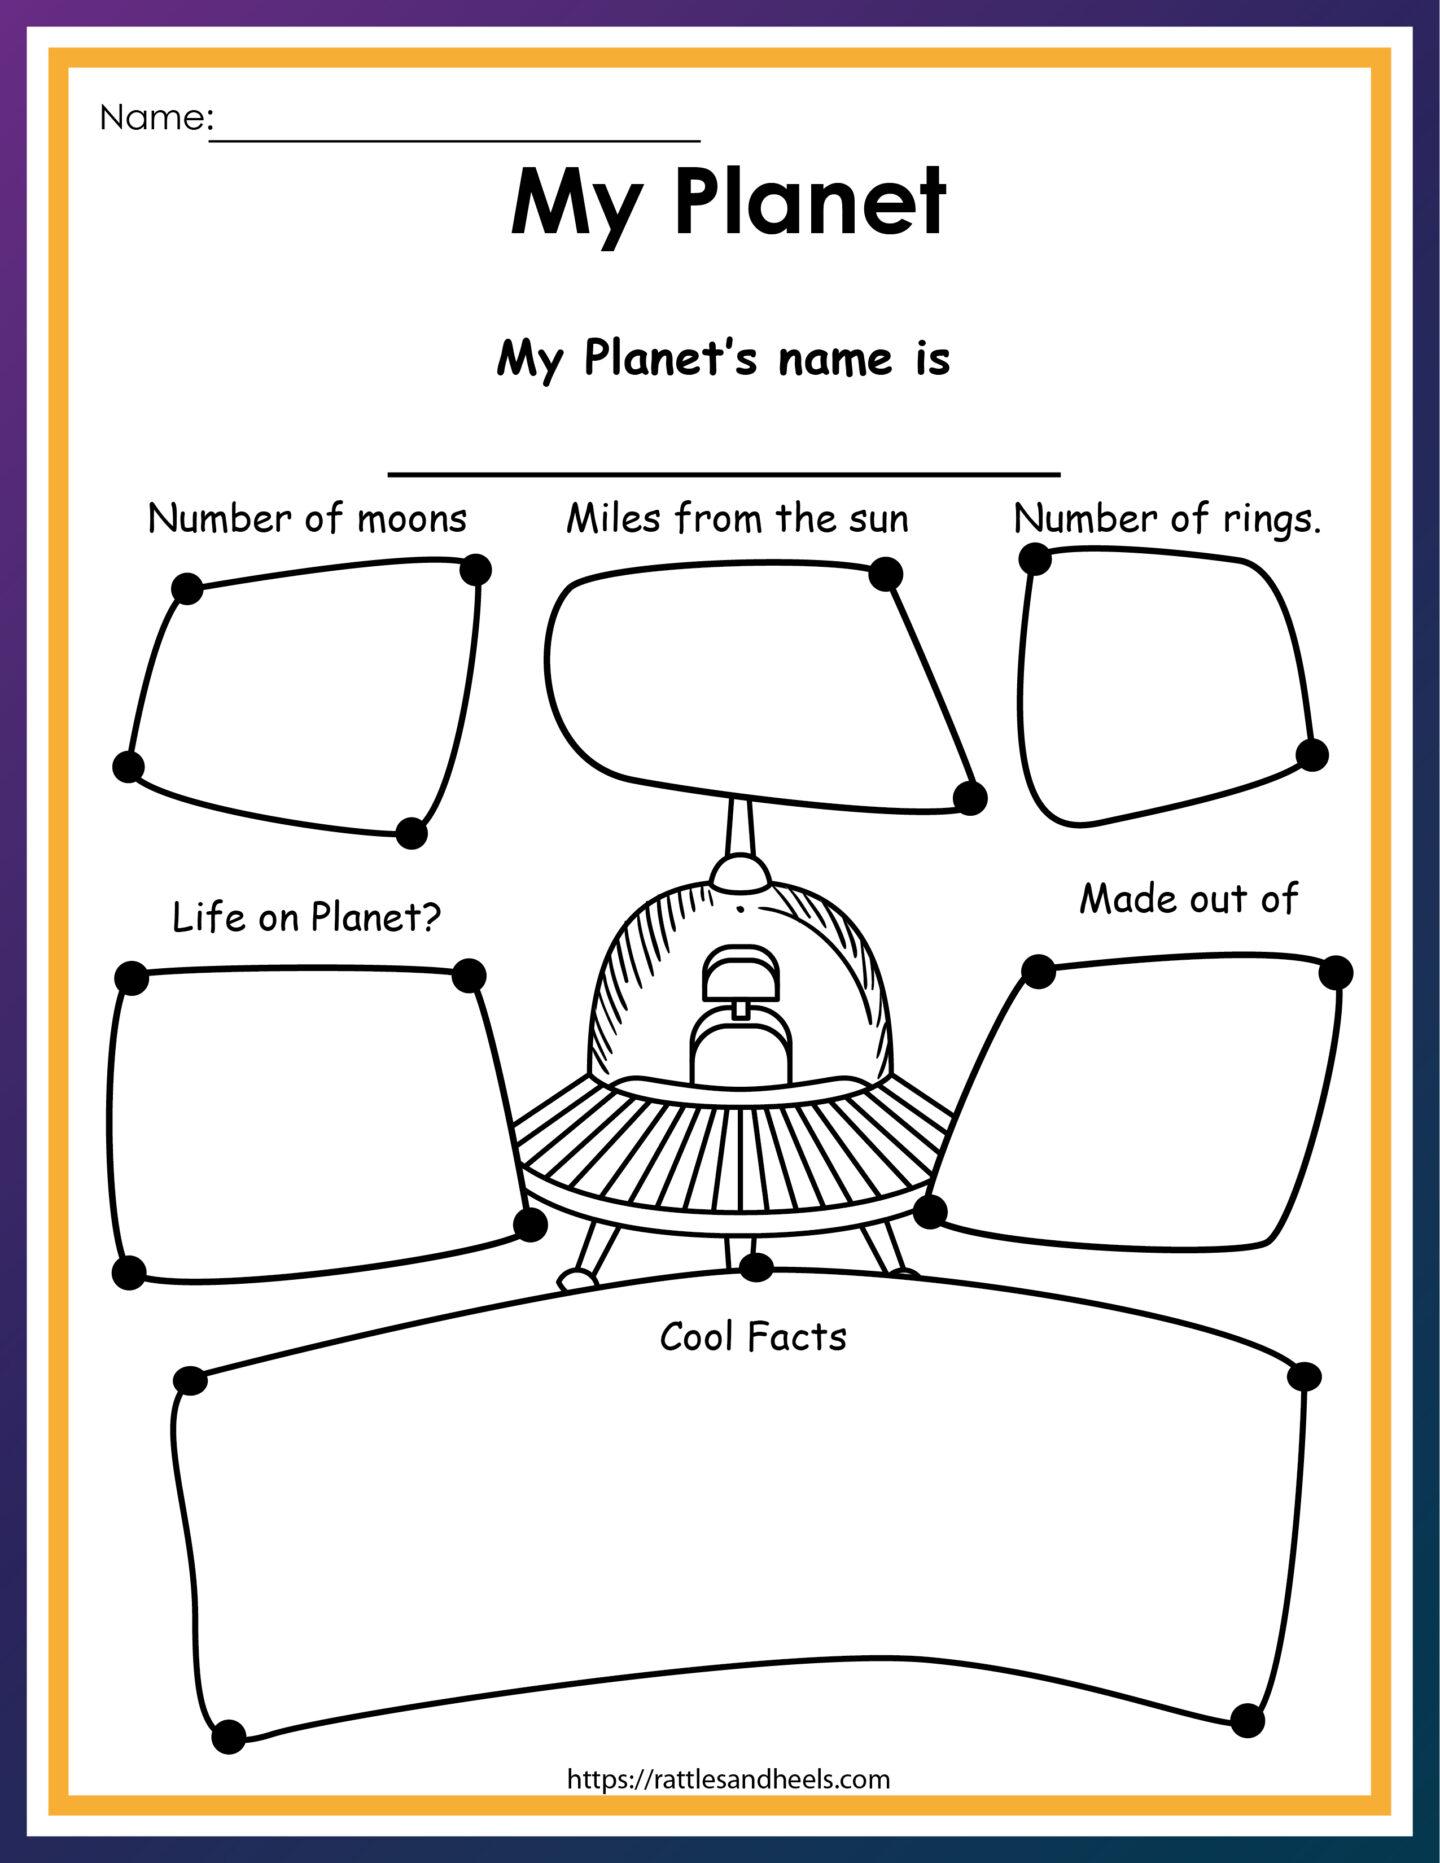 My Planet Printout